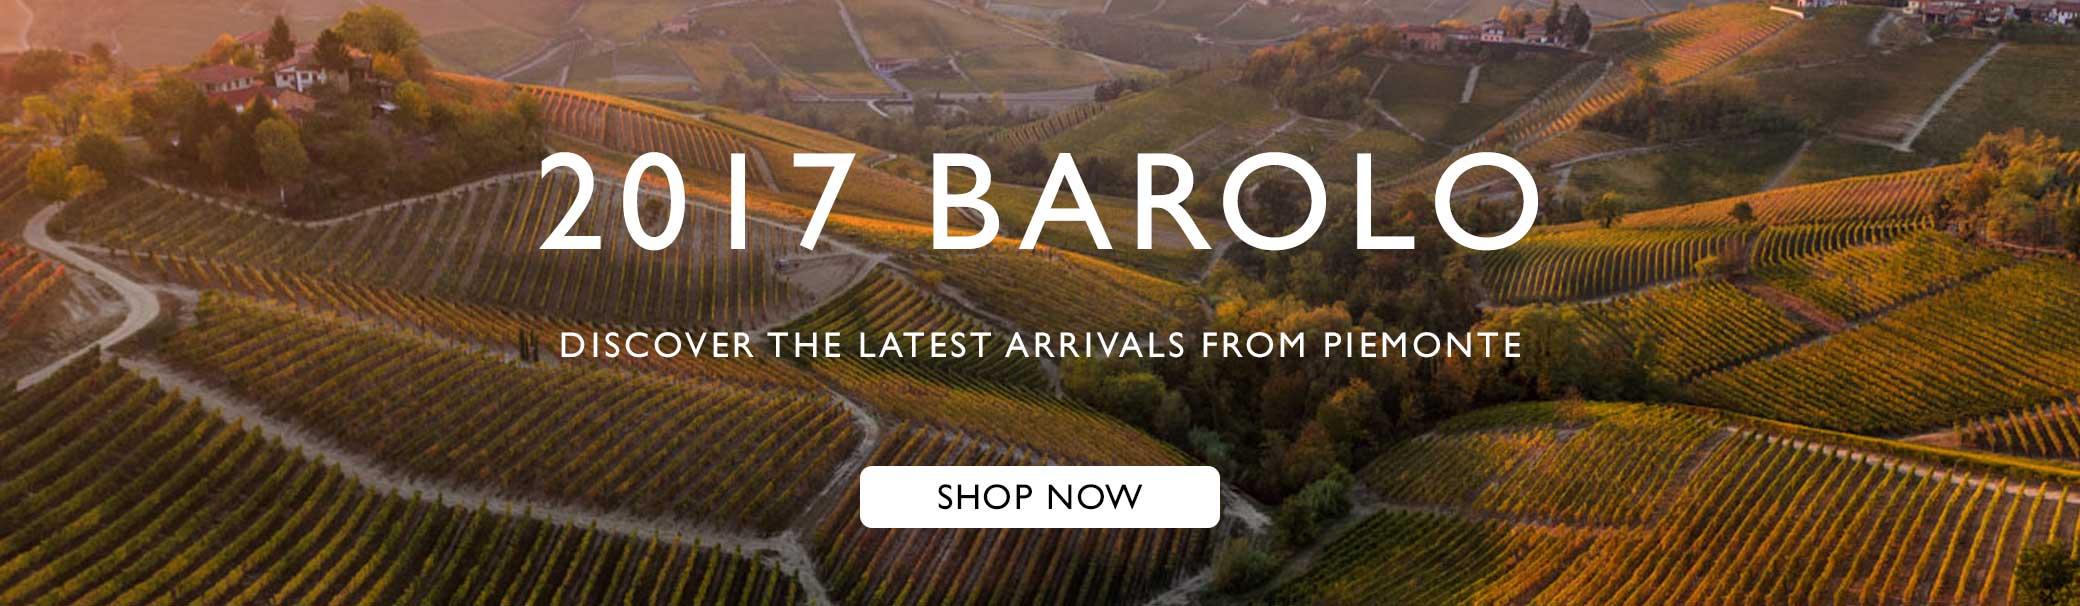 2017 Barolo